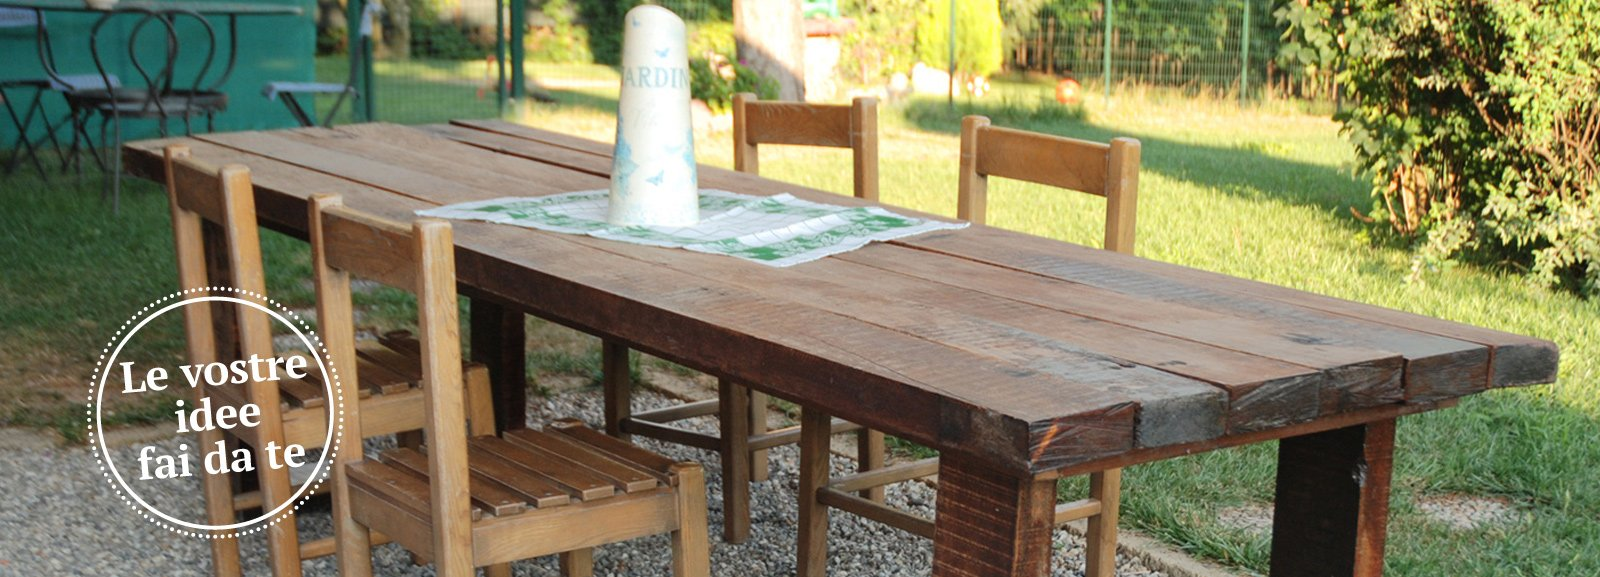 Un maxi tavolo in legno di recupero cose di casa - Costruire mobili in legno fai da te ...